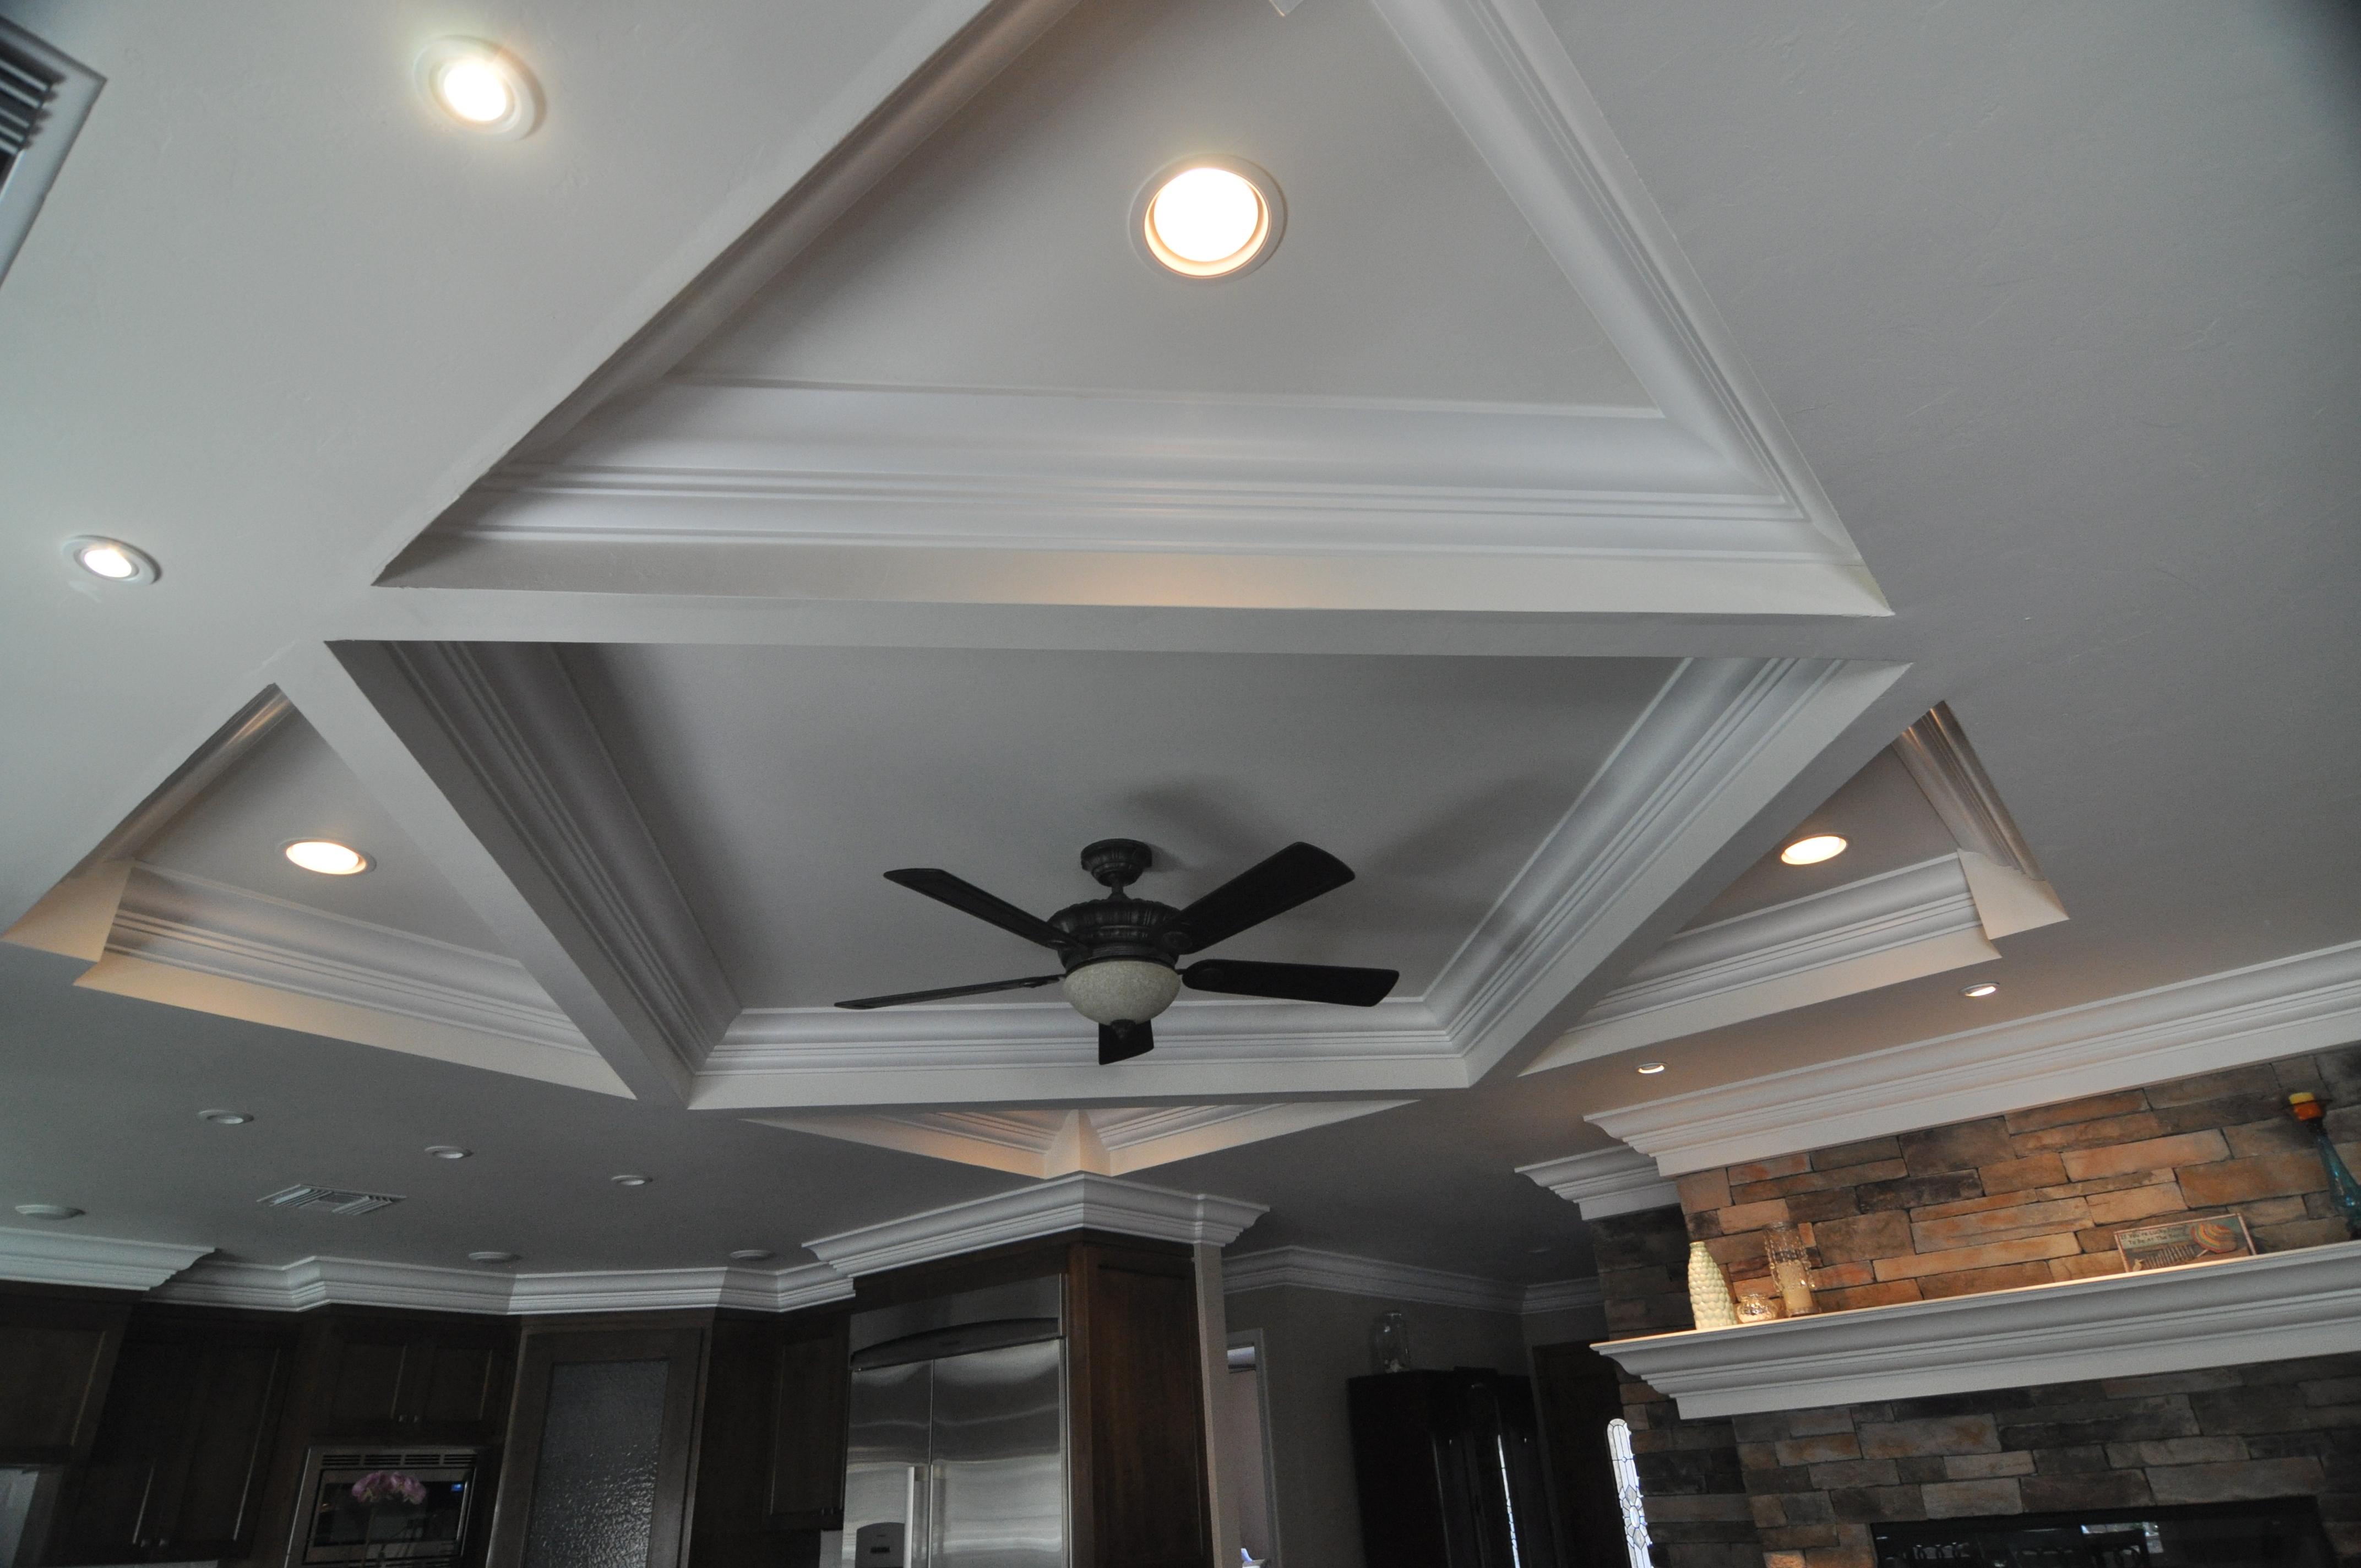 kit farreys inside s fans monte regarding carlo ceiling western inspiring farrey kits fan light marvelous for